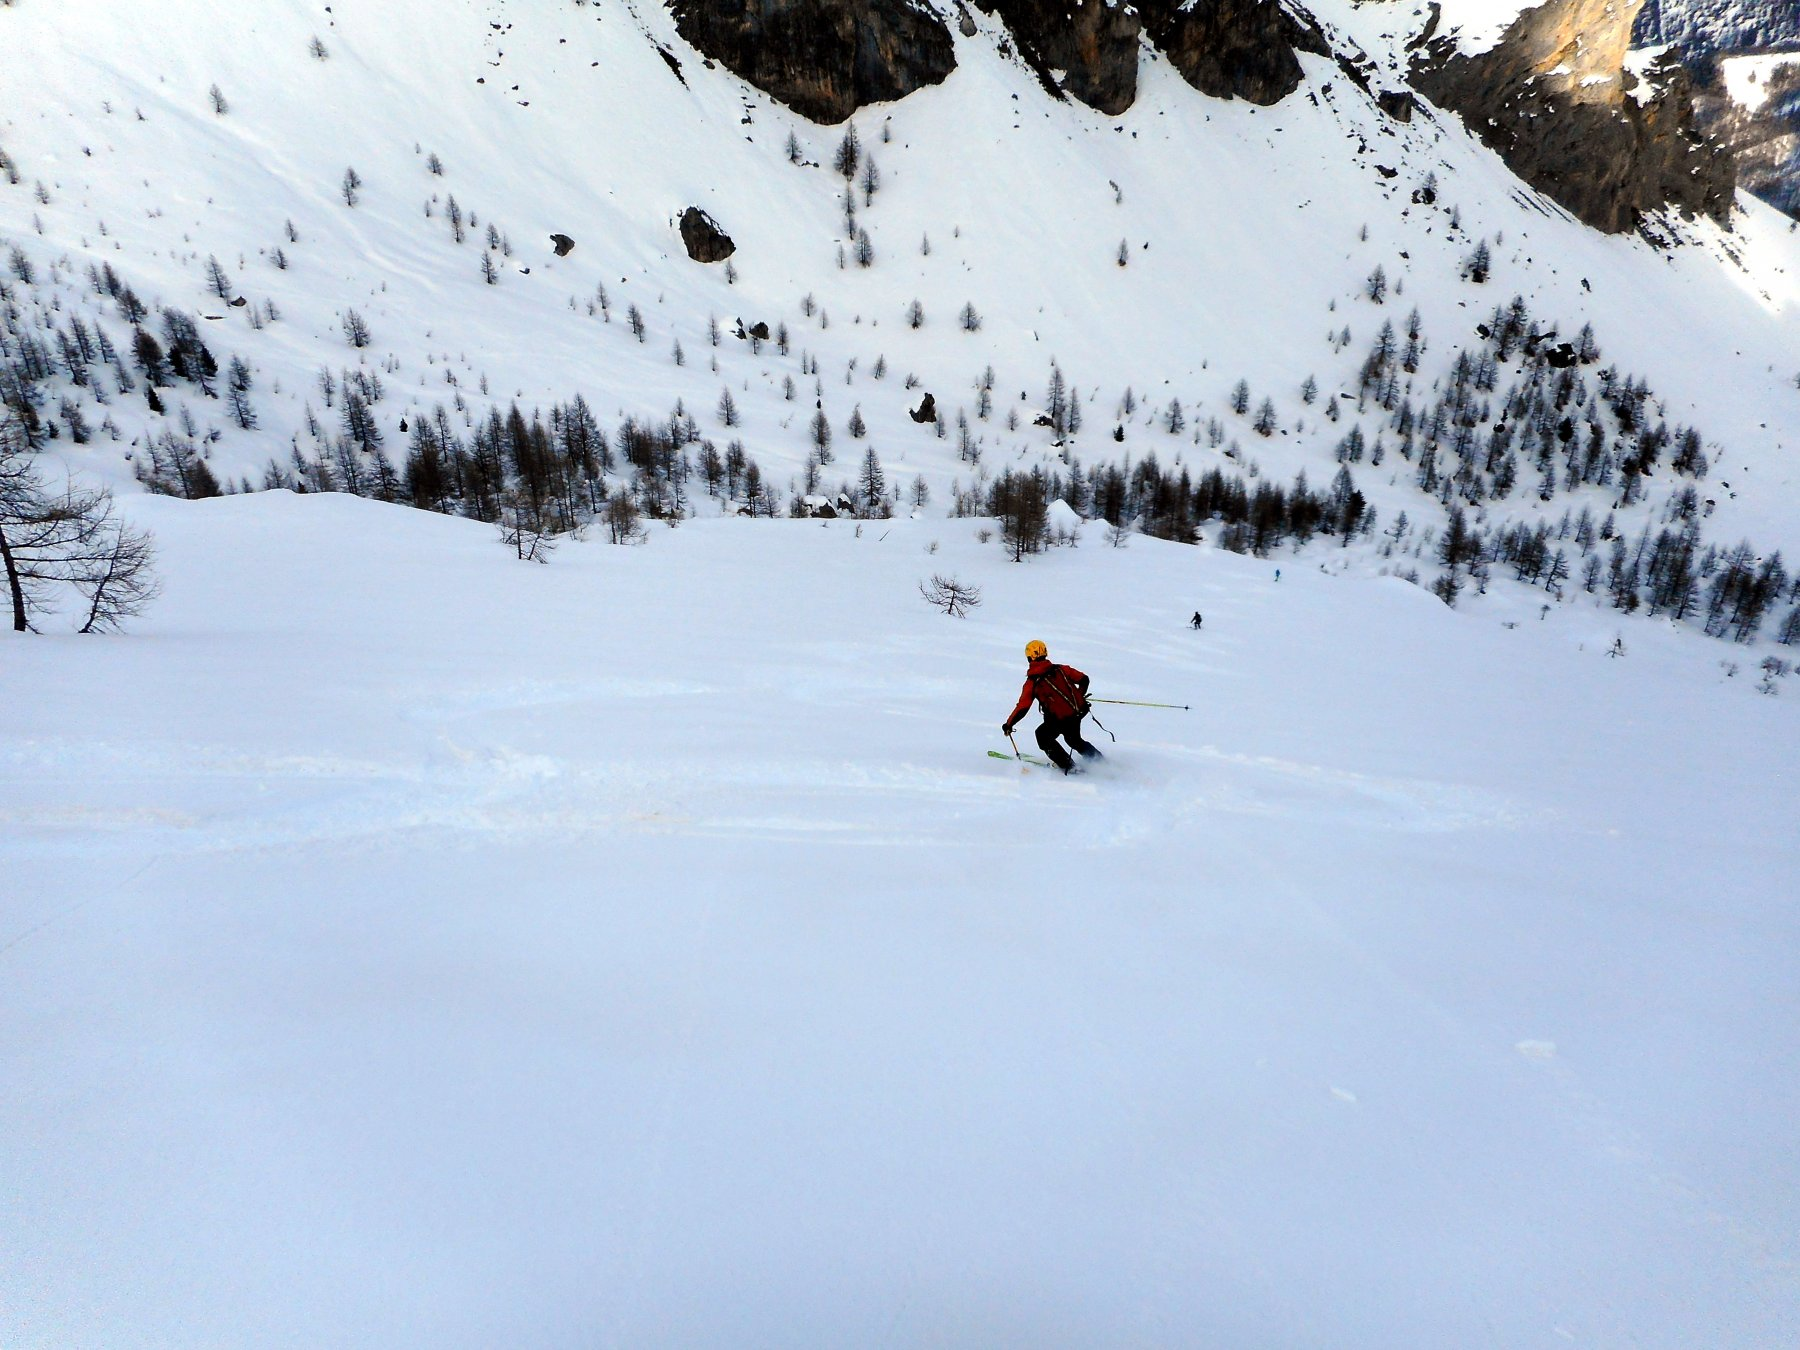 qui neve più impegnativa da sciare per fondo un po cedevole